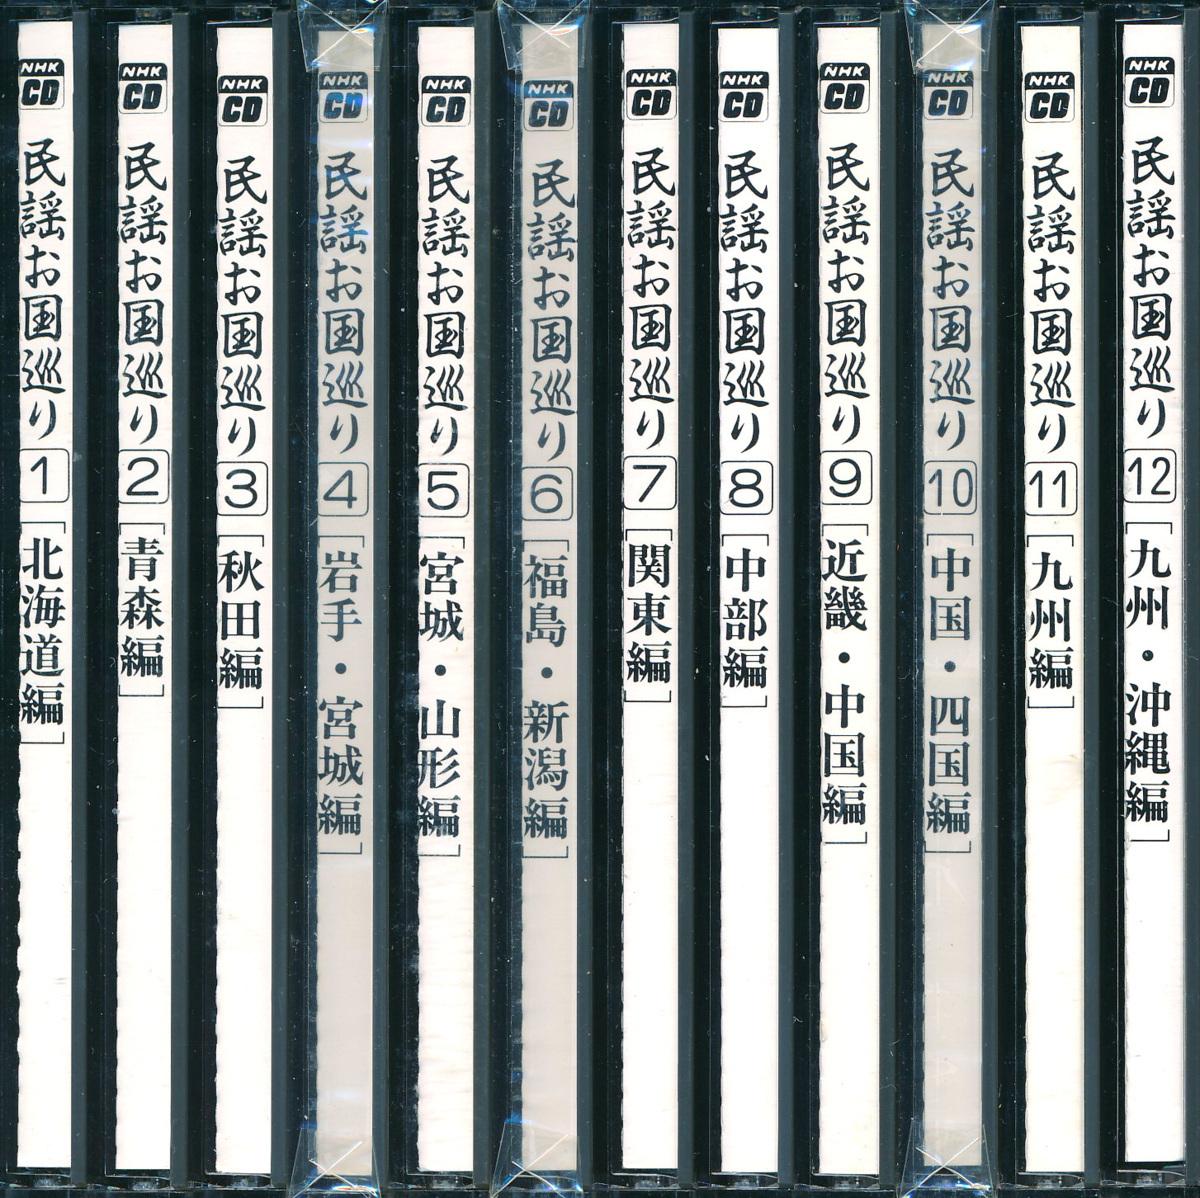 【送料込】民謡┃オムニバス│VA■民謡お国めぐり 〔箱入り12枚組〕│■GKT-003-1-12■管理CD5334_画像2